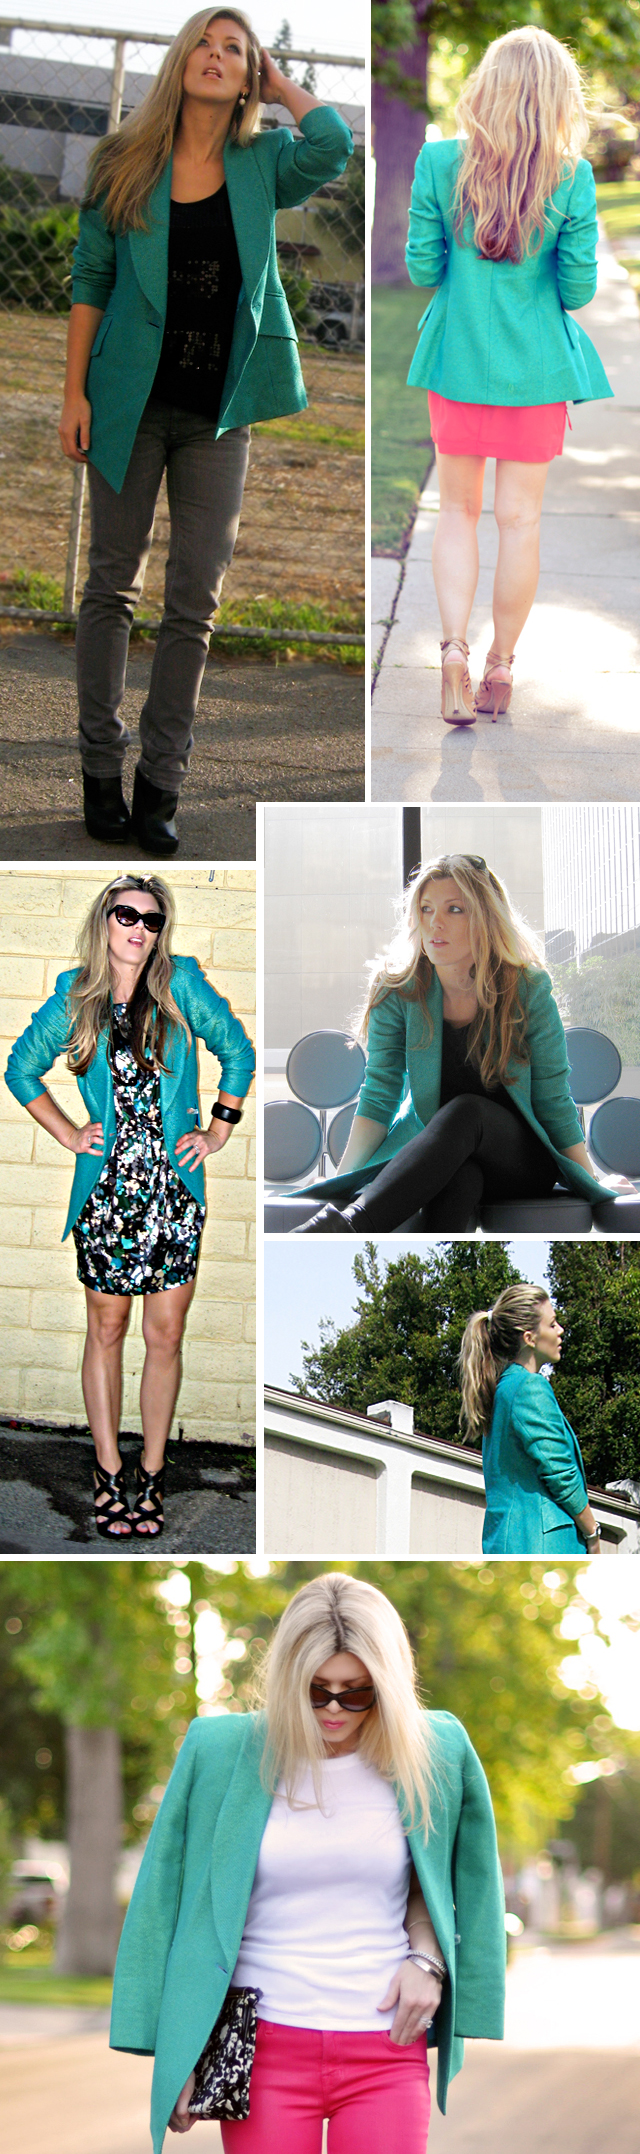 how to wear a bright blazer